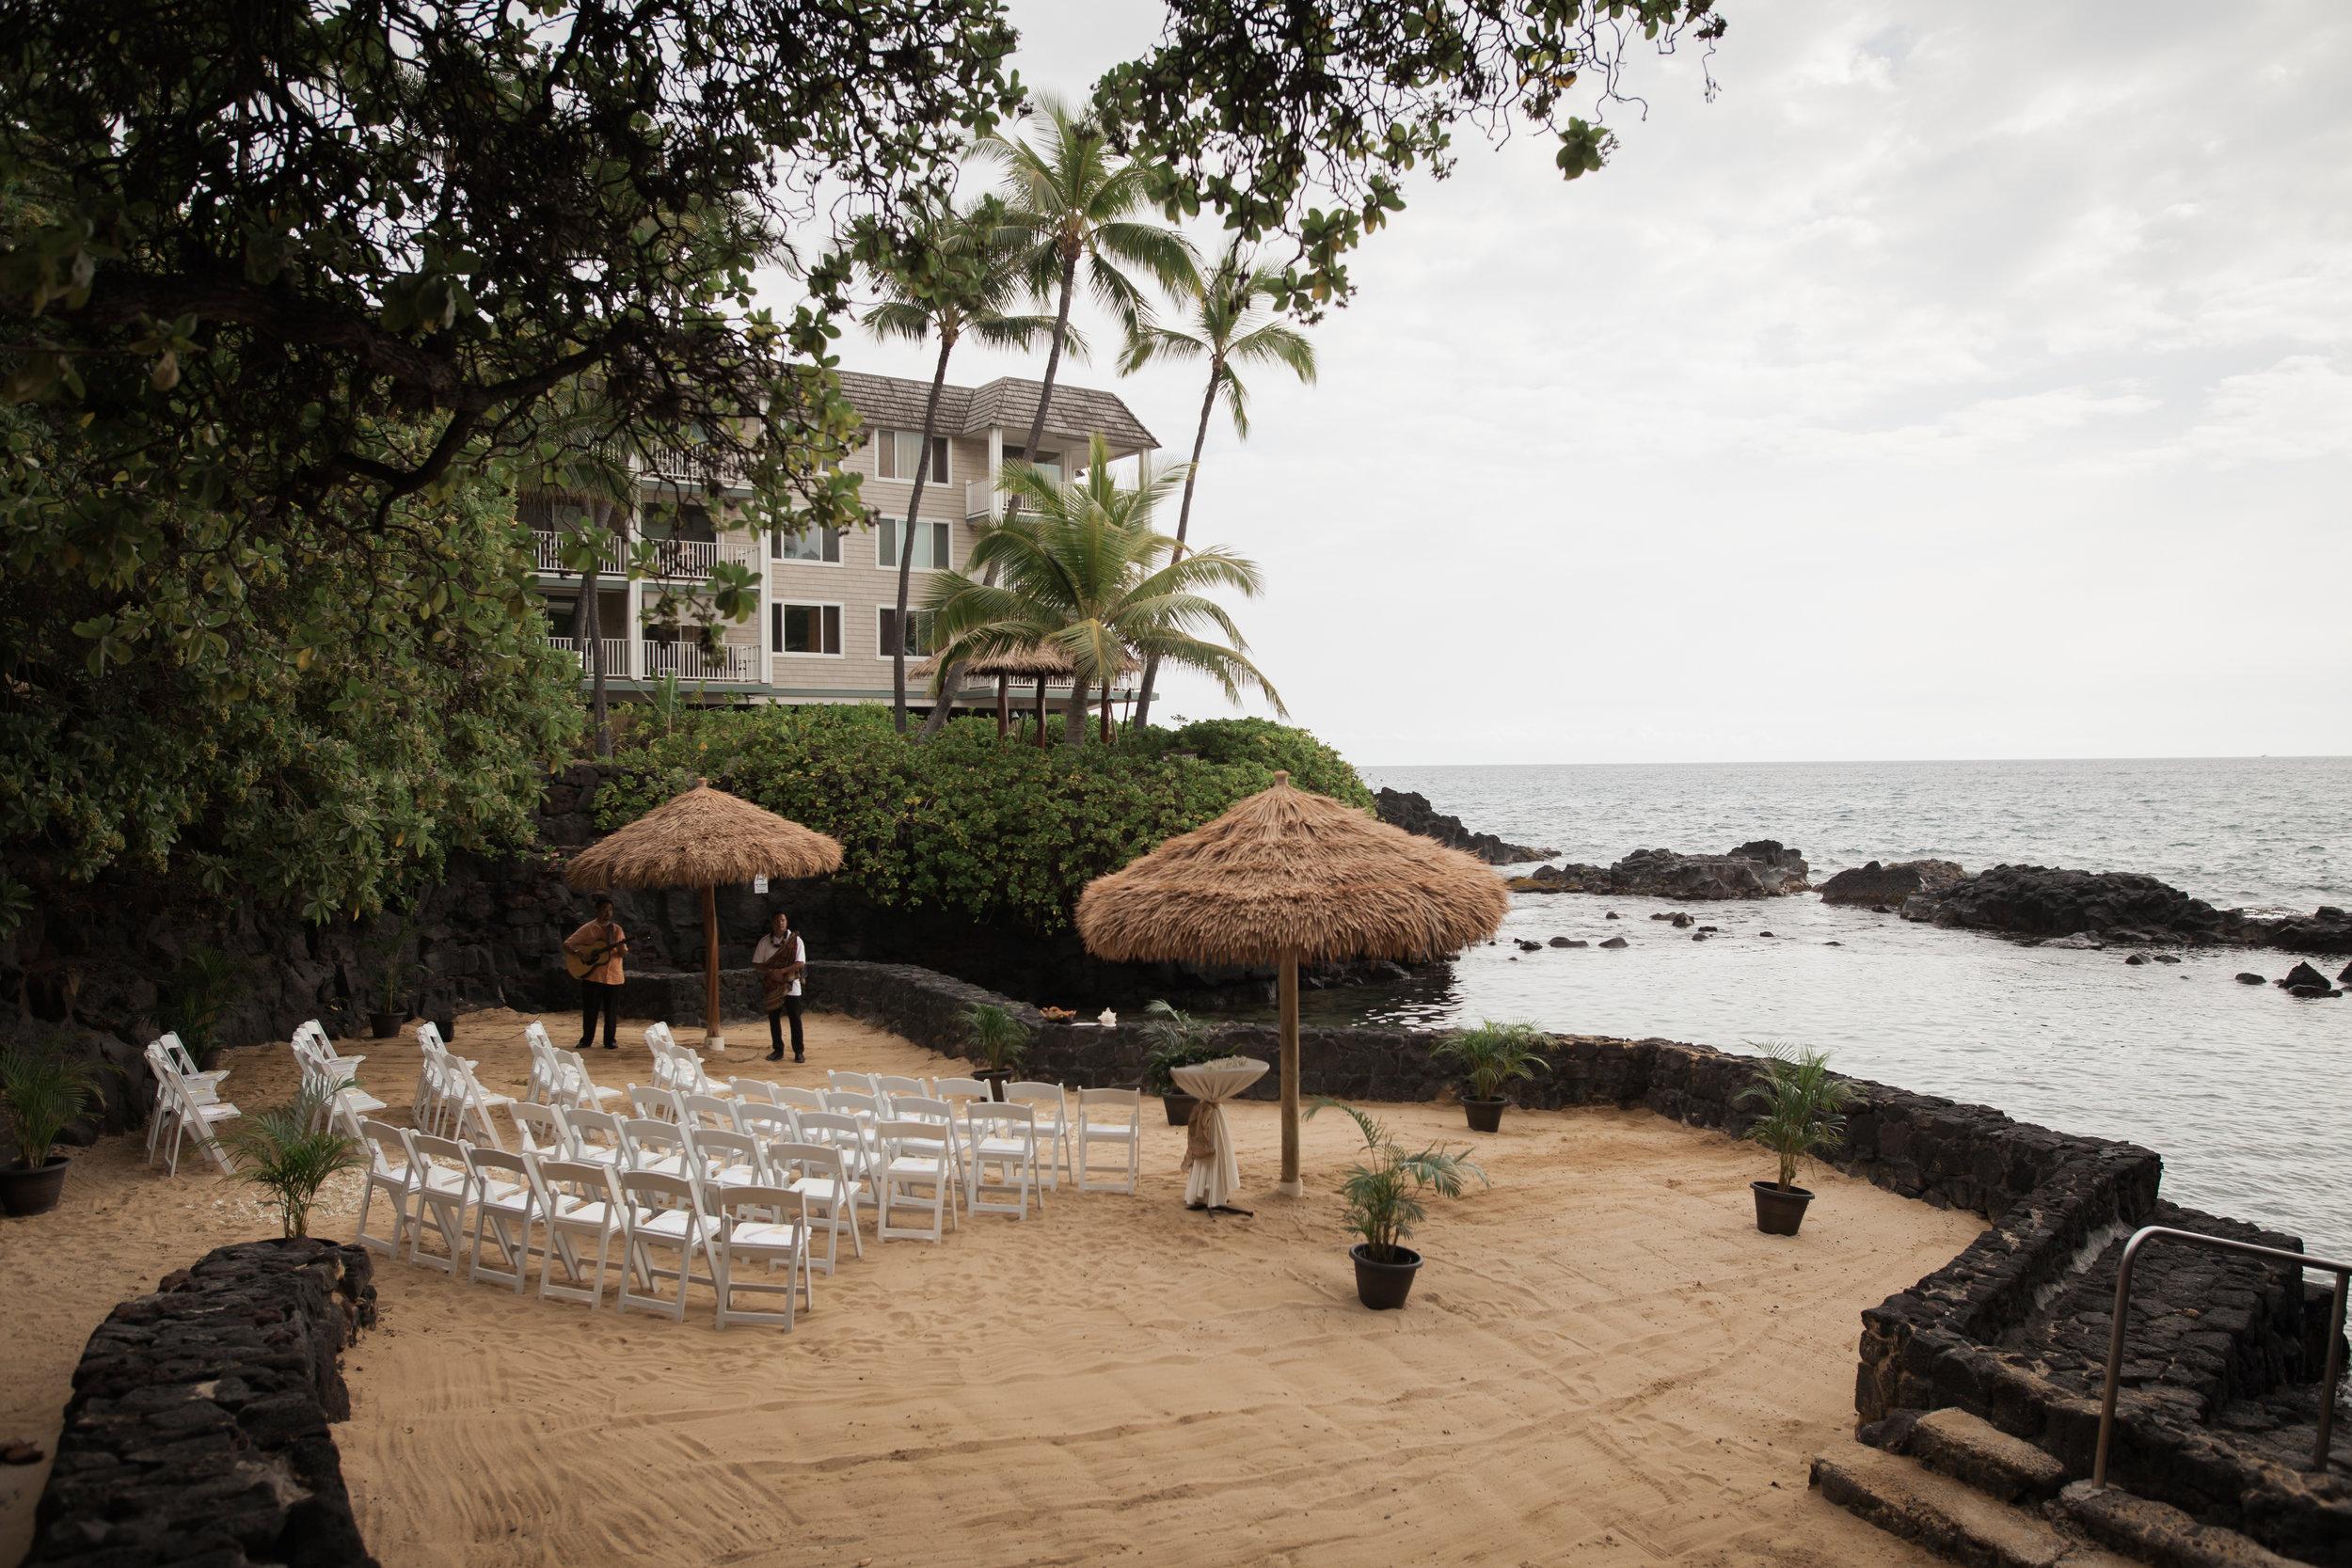 big island hawaii royal kona resort beach wedding © kelilina photography 20170520161623.jpg